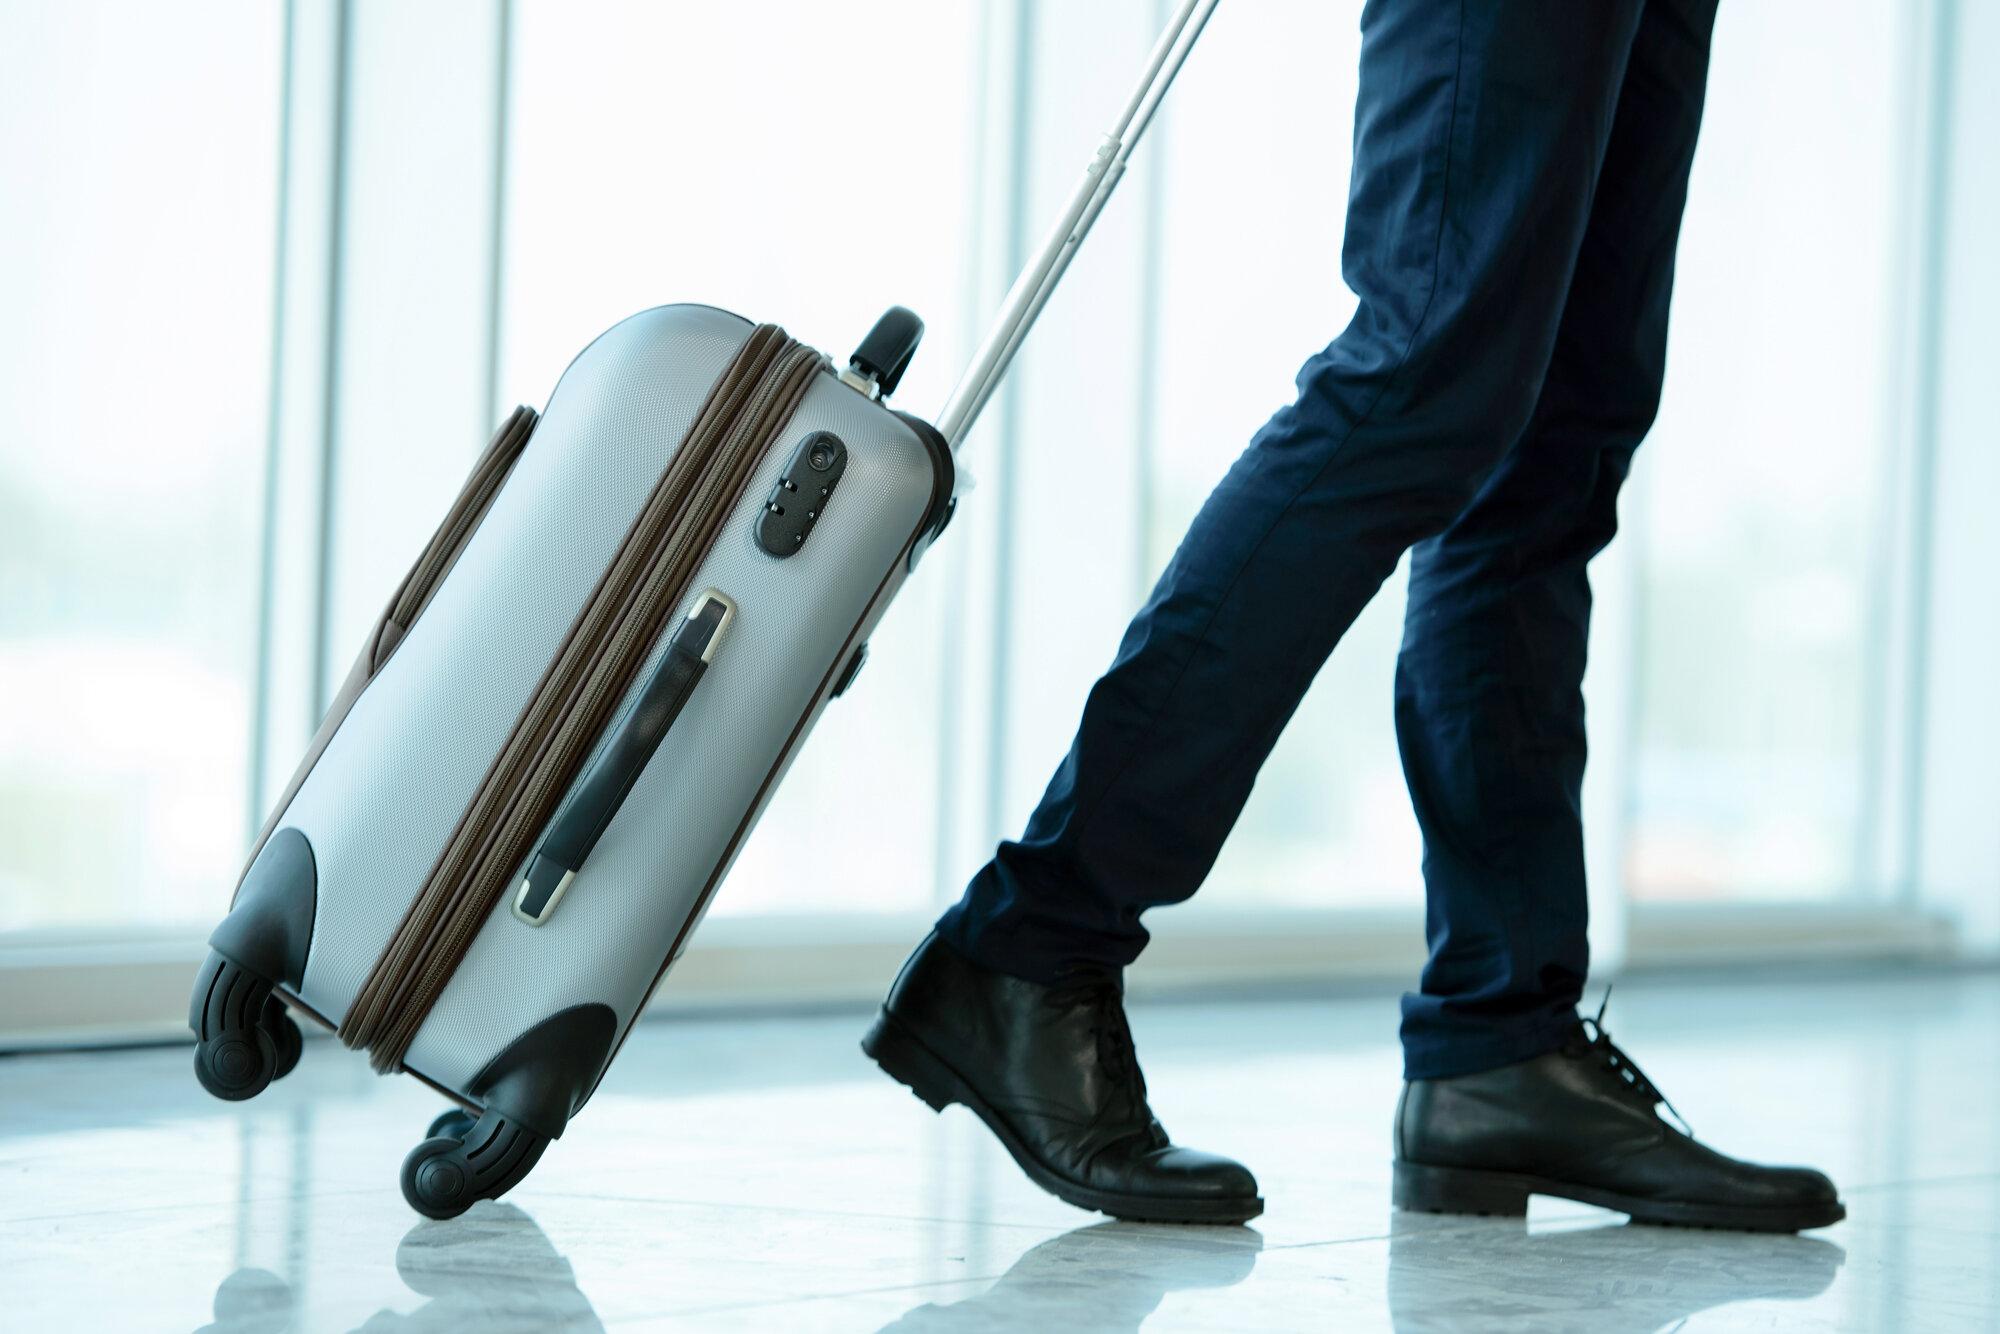 Bạn nên dựa trên các yếu tố cần thiết như mẫu mã, thiết kế và tính tiện dụng để chọn loại vali nhựa hoàn hảo